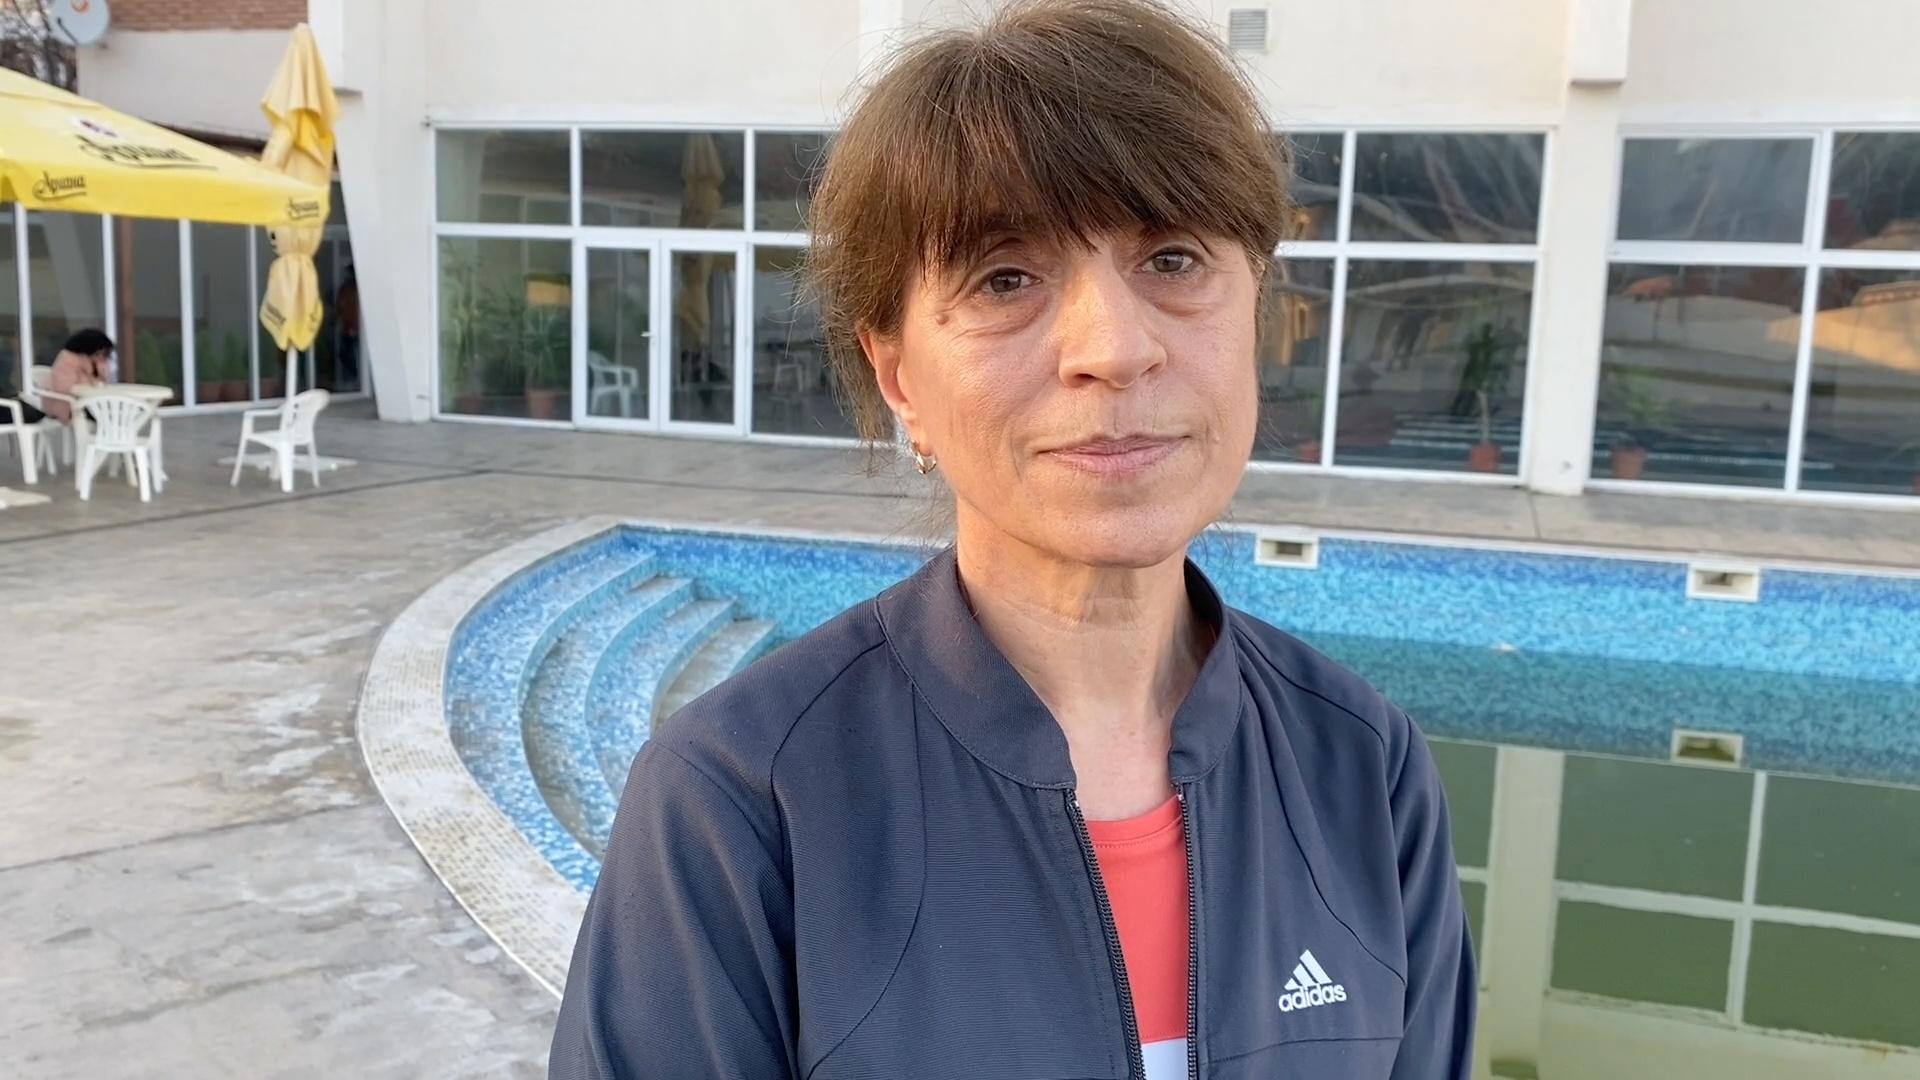 Треньорката на търновския плувец, хванат с допинг Здравко Баблаков: Не изключвам саботаж!